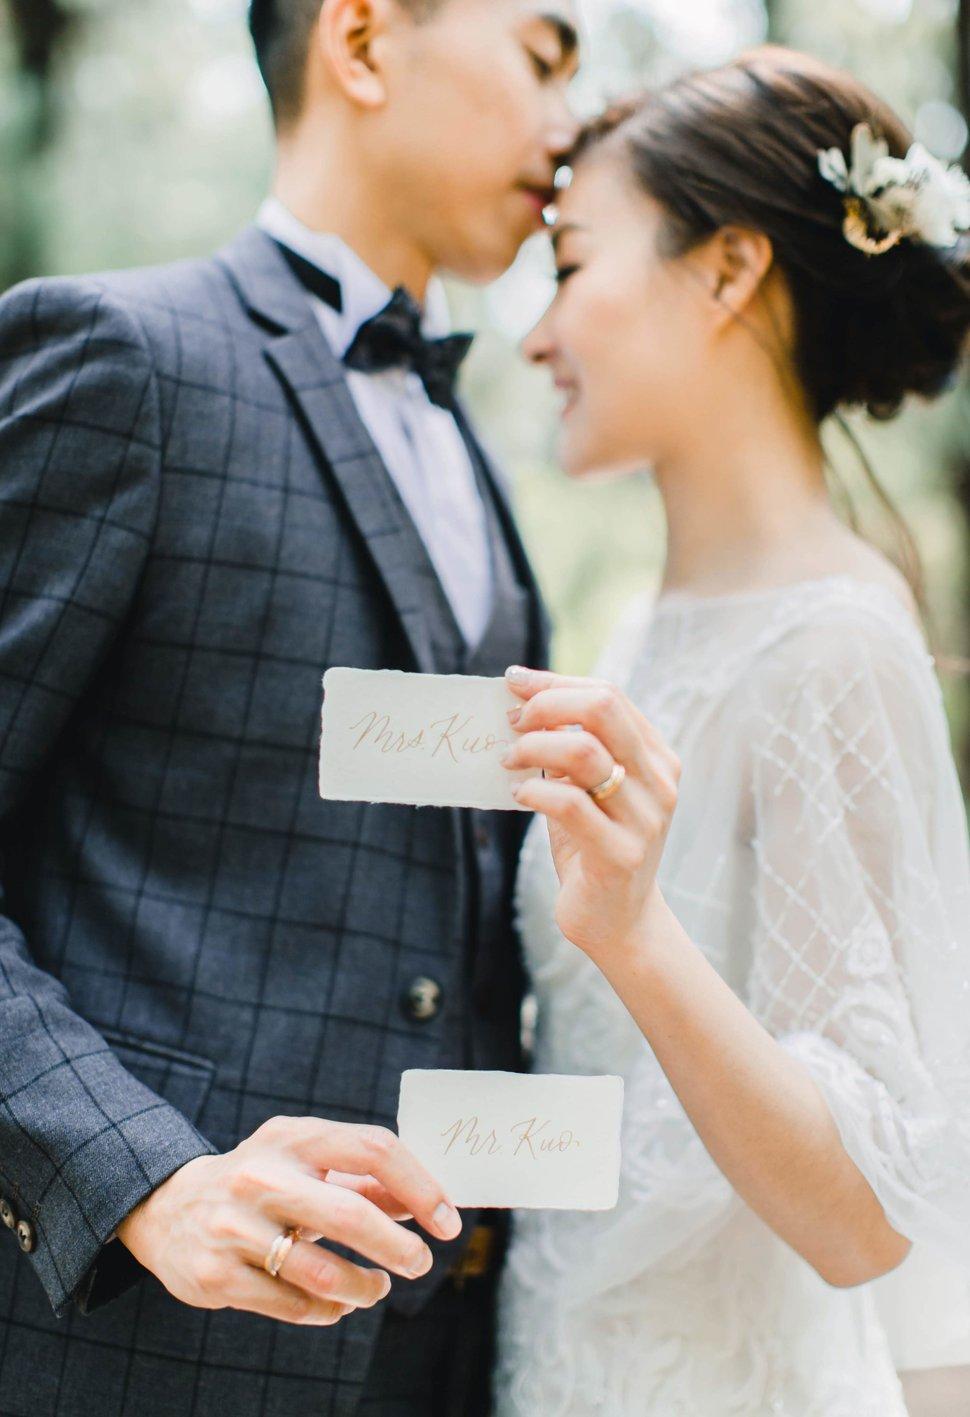 自助婚紗-美式婚紗-Amazing Grace攝影-美式婚禮-台中婚紗-台北婚紗-美式婚禮 - Amazing Grace Studio24 - Amazing Grace Studio《結婚吧》